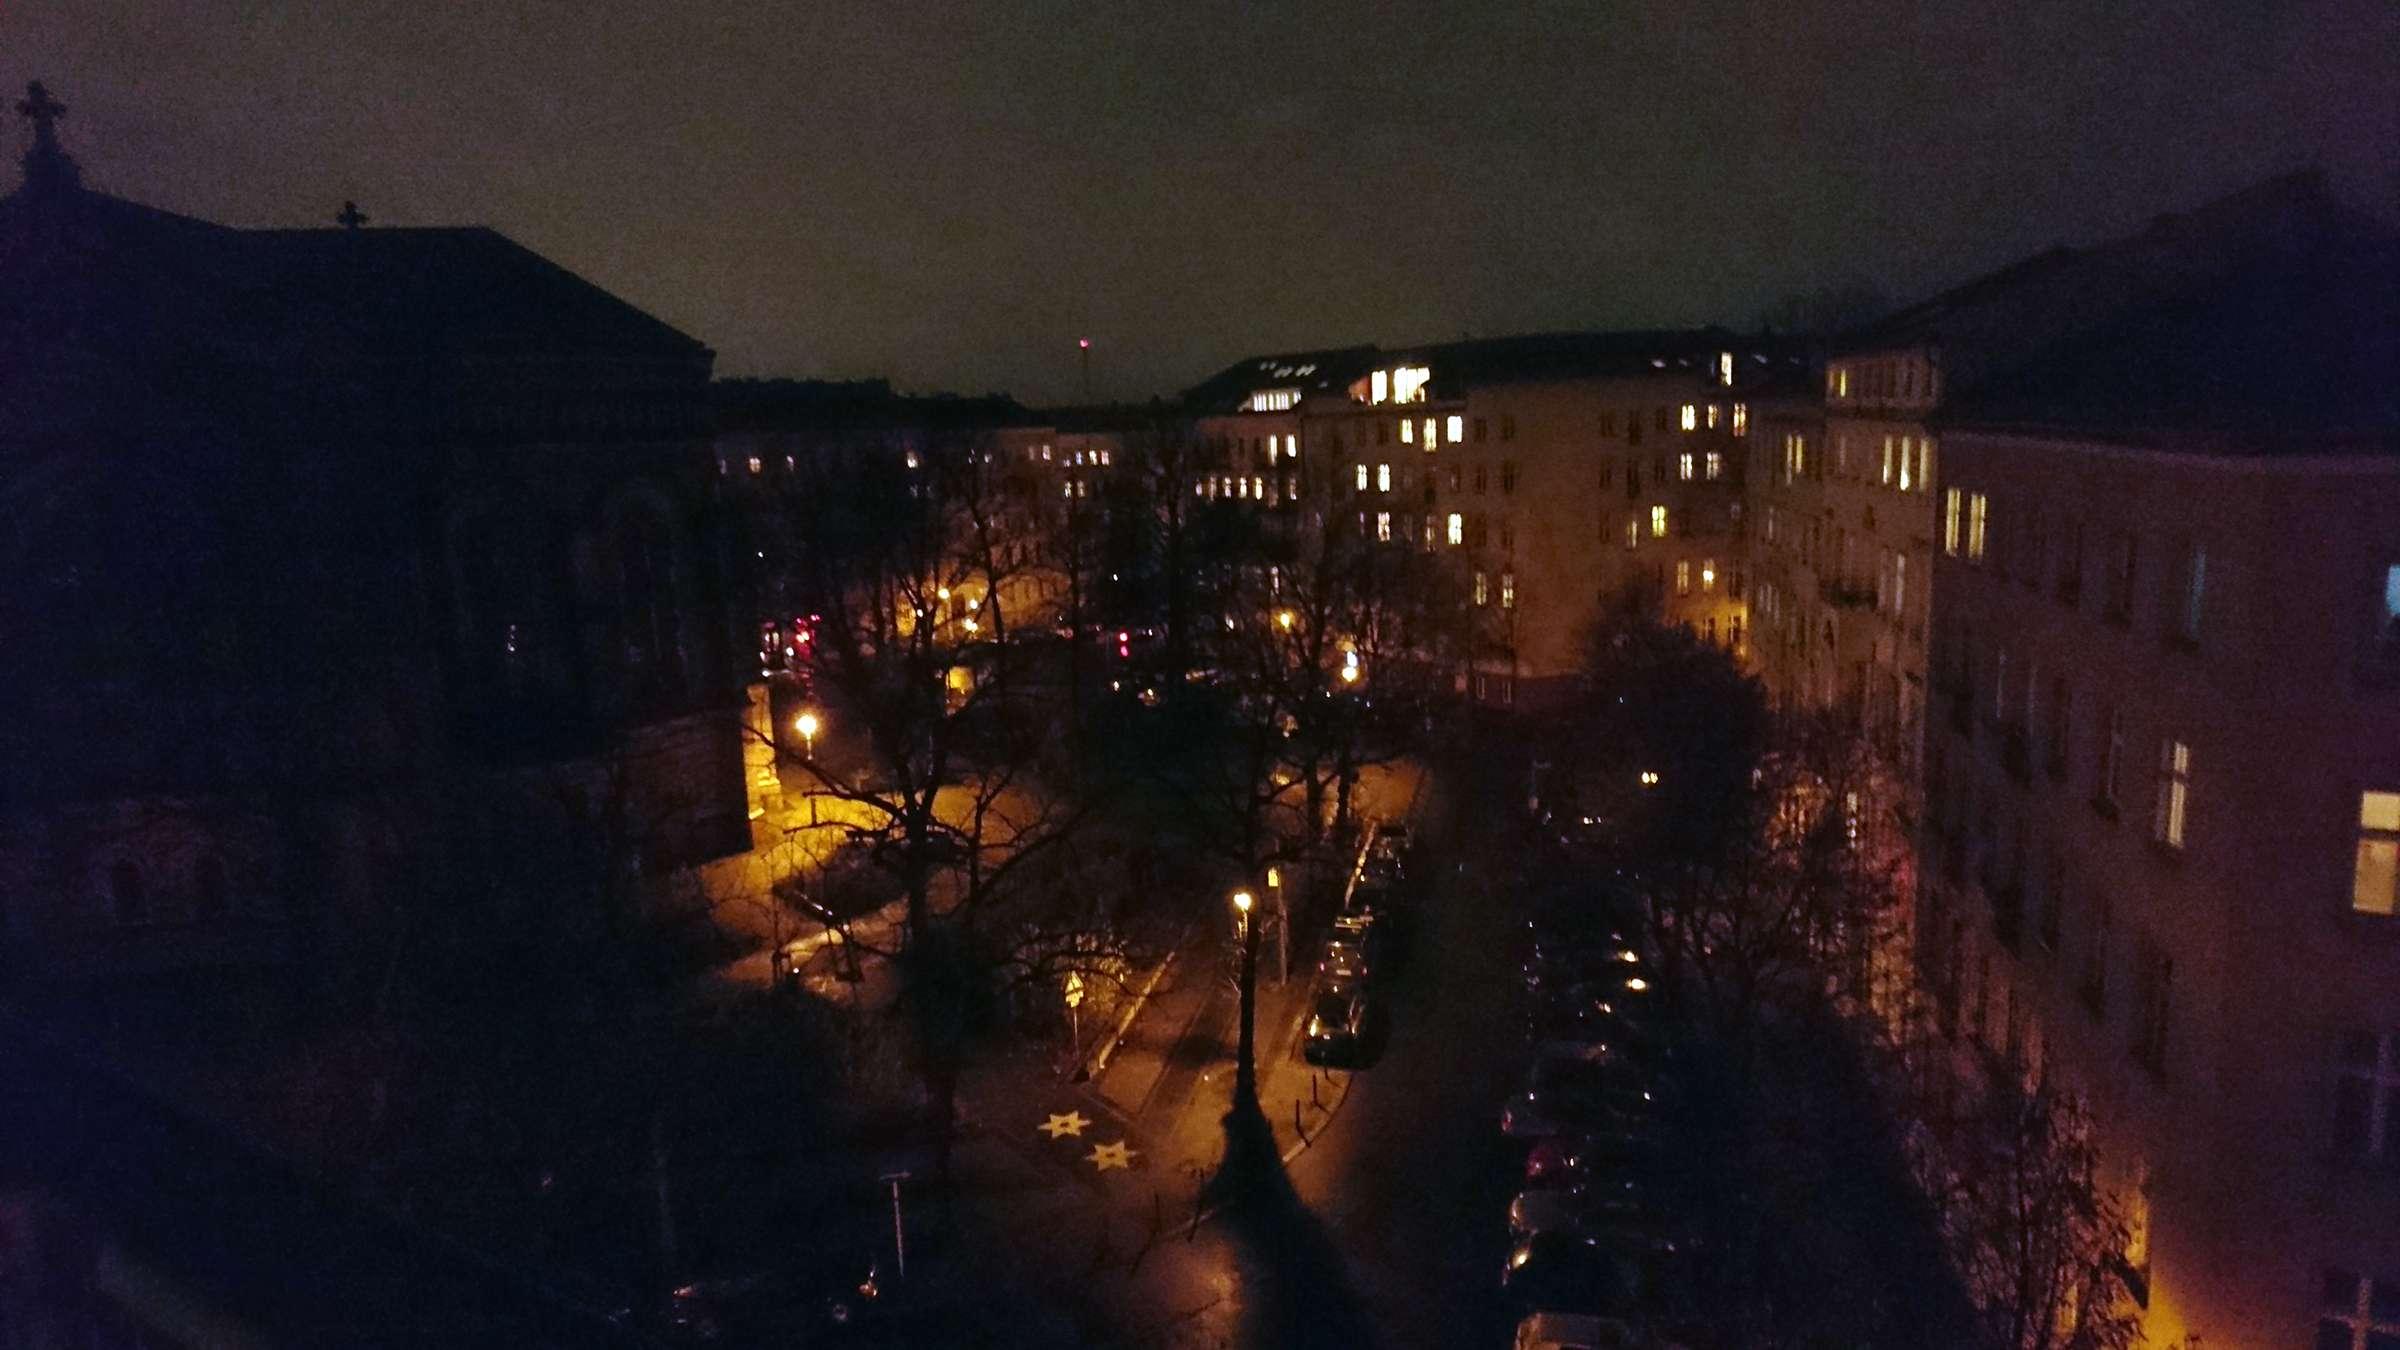 Nächtlicher Blick über die Dächer Berlins aus der OER-WG am Platz der Zionskirche